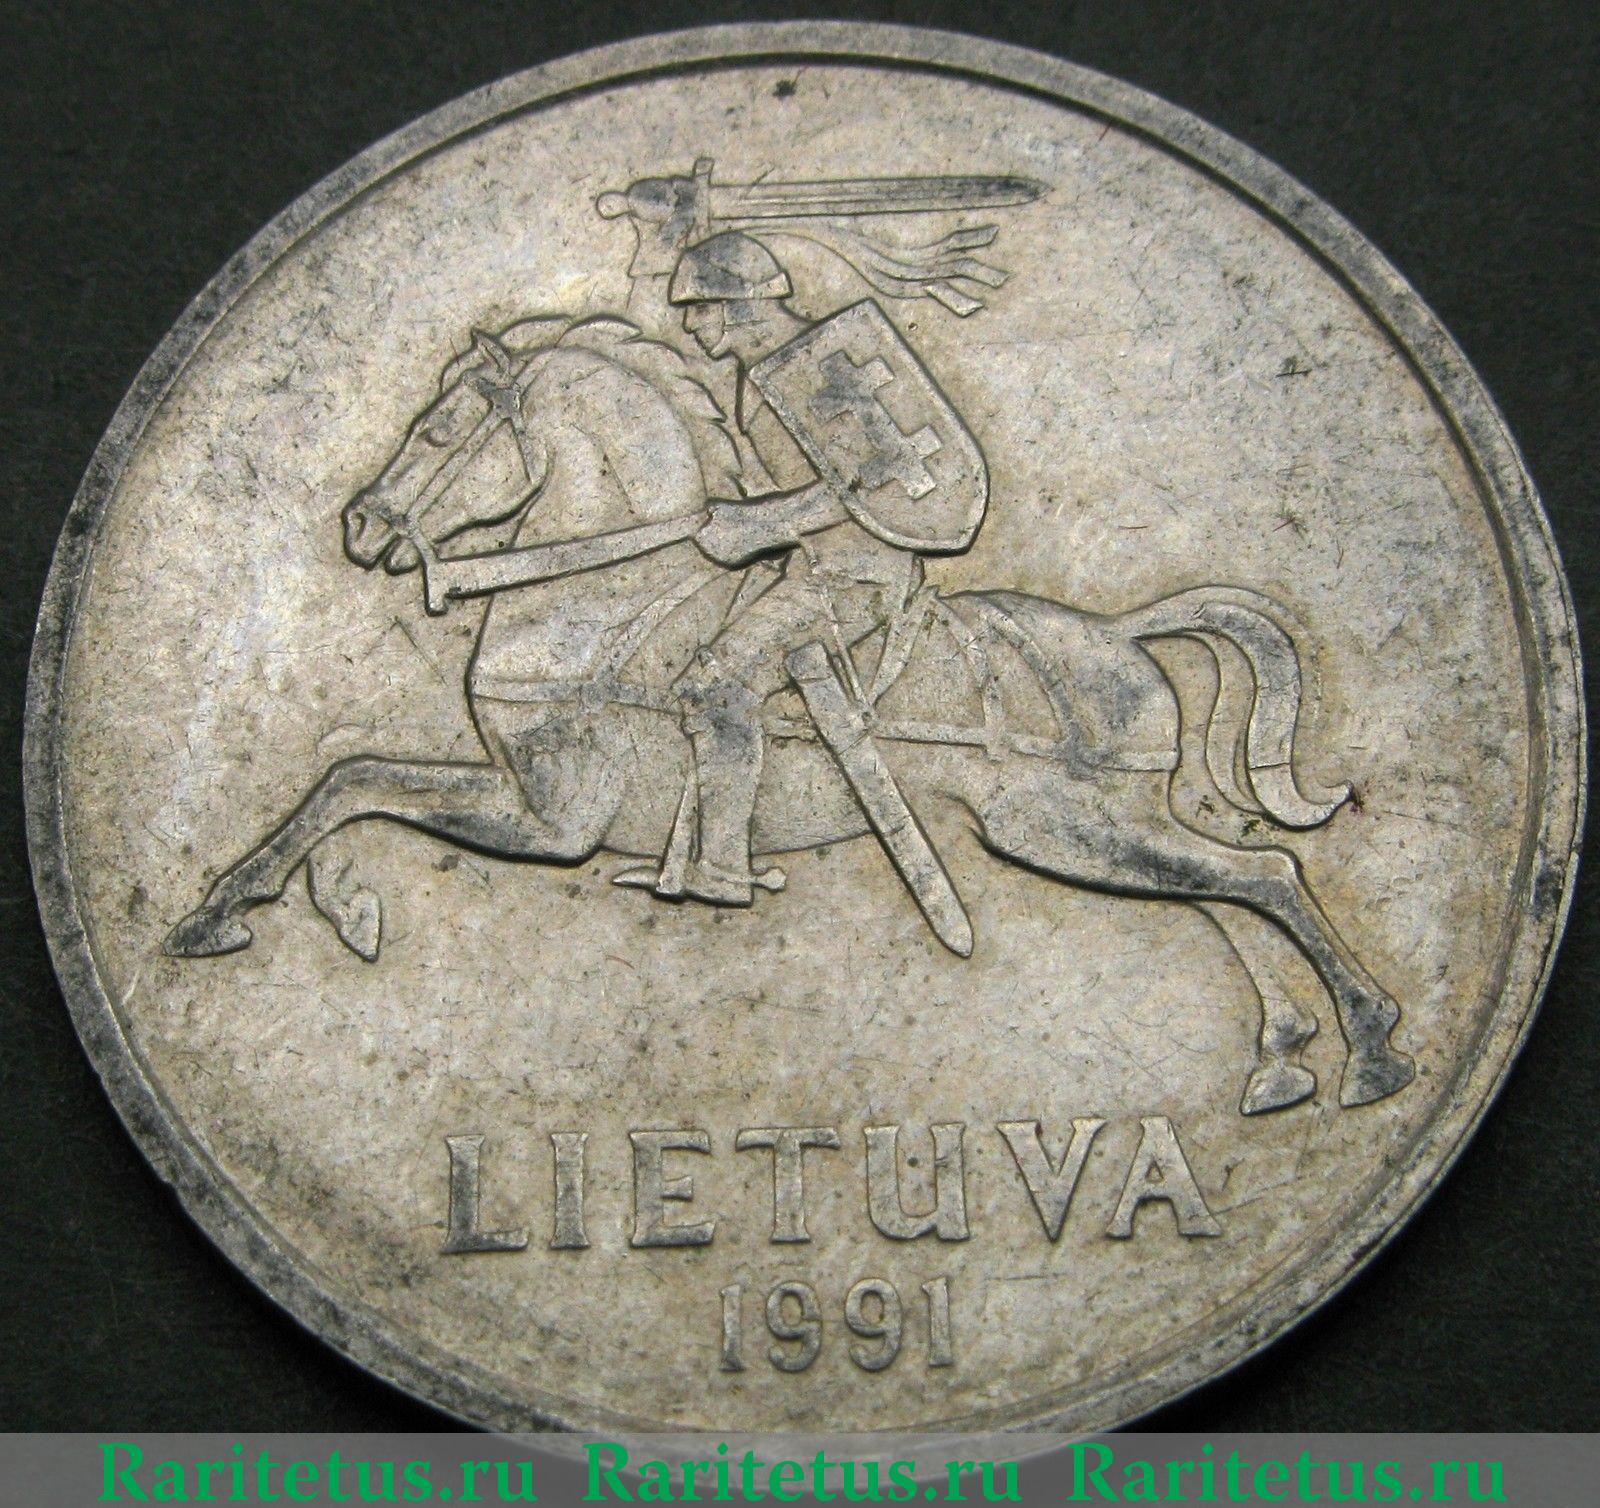 Монета 5 литовских литов 1998 года стоимость сбербанк покупка монет из драгоценных металлов